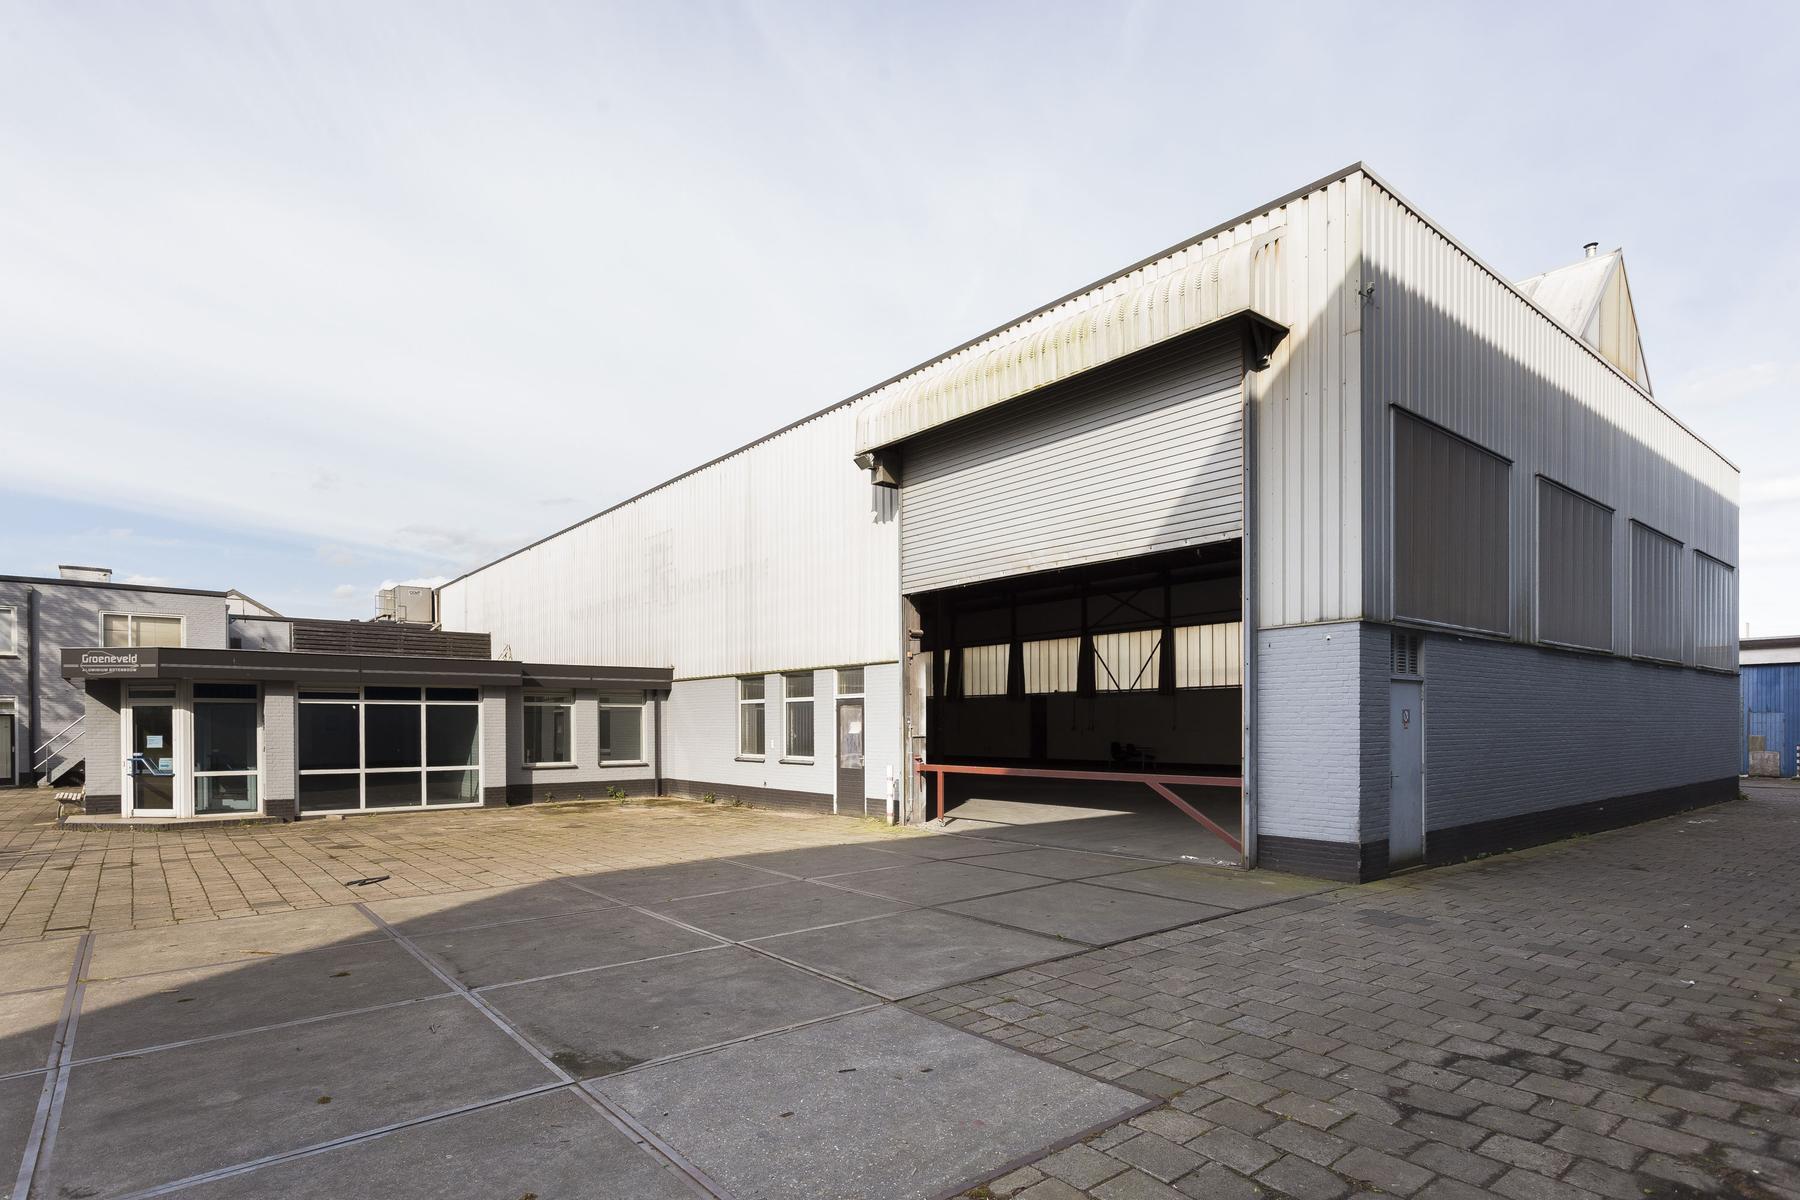 Te huur is in Amersfoort Kantoorruimte ca. 242 m², Buitenterrein kantoor ca. 164 m², Bedrijfsruimte ca. 647 m² , Buitenterrein ca. 784 m².